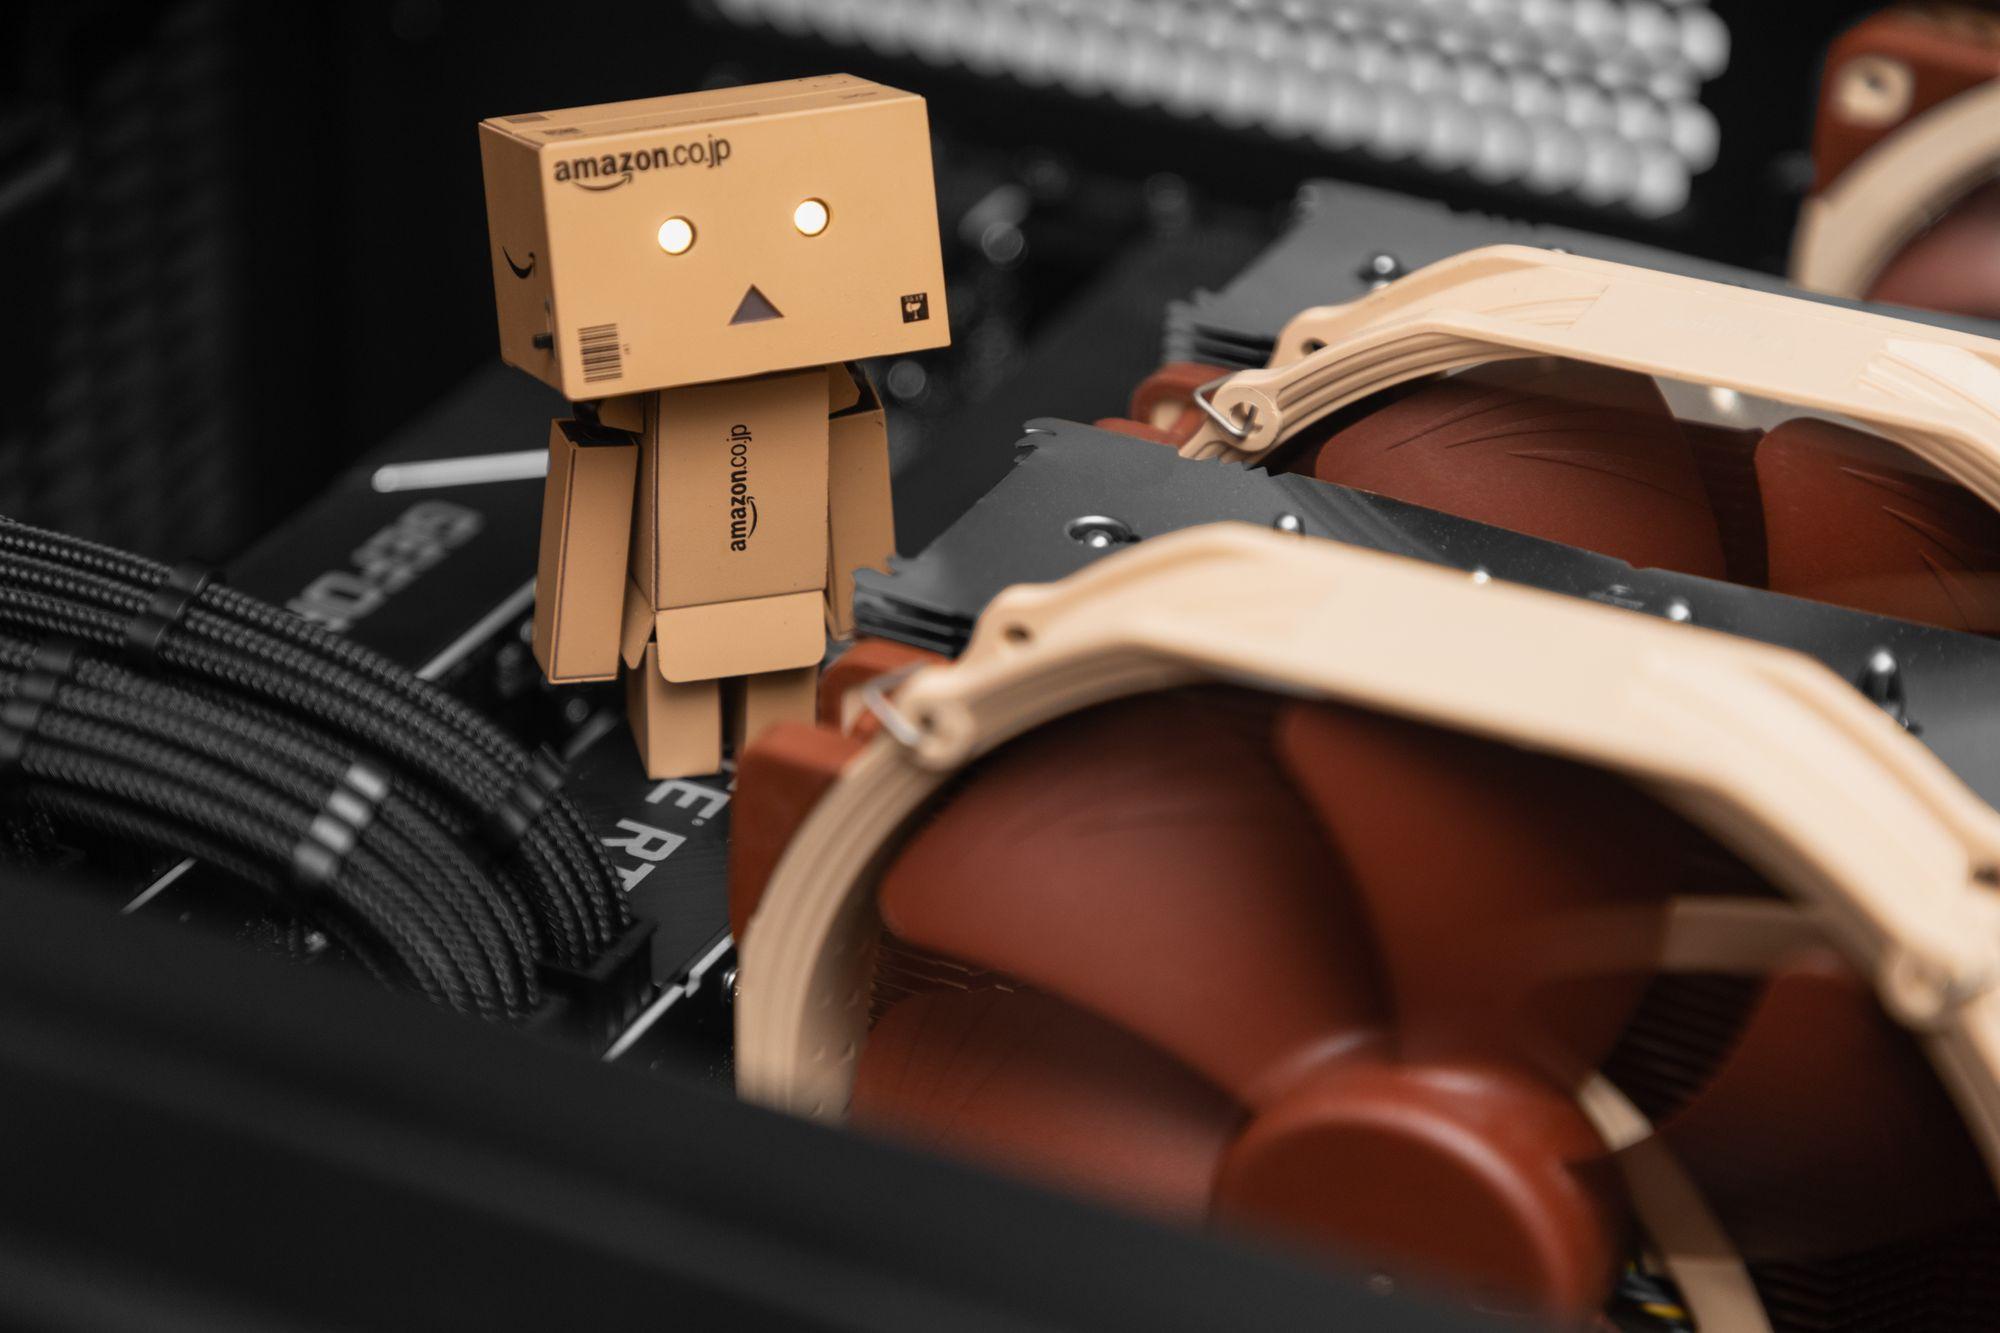 Hot Chocolate - HAF XB 3950X Dual 2080 Ti F@H Build